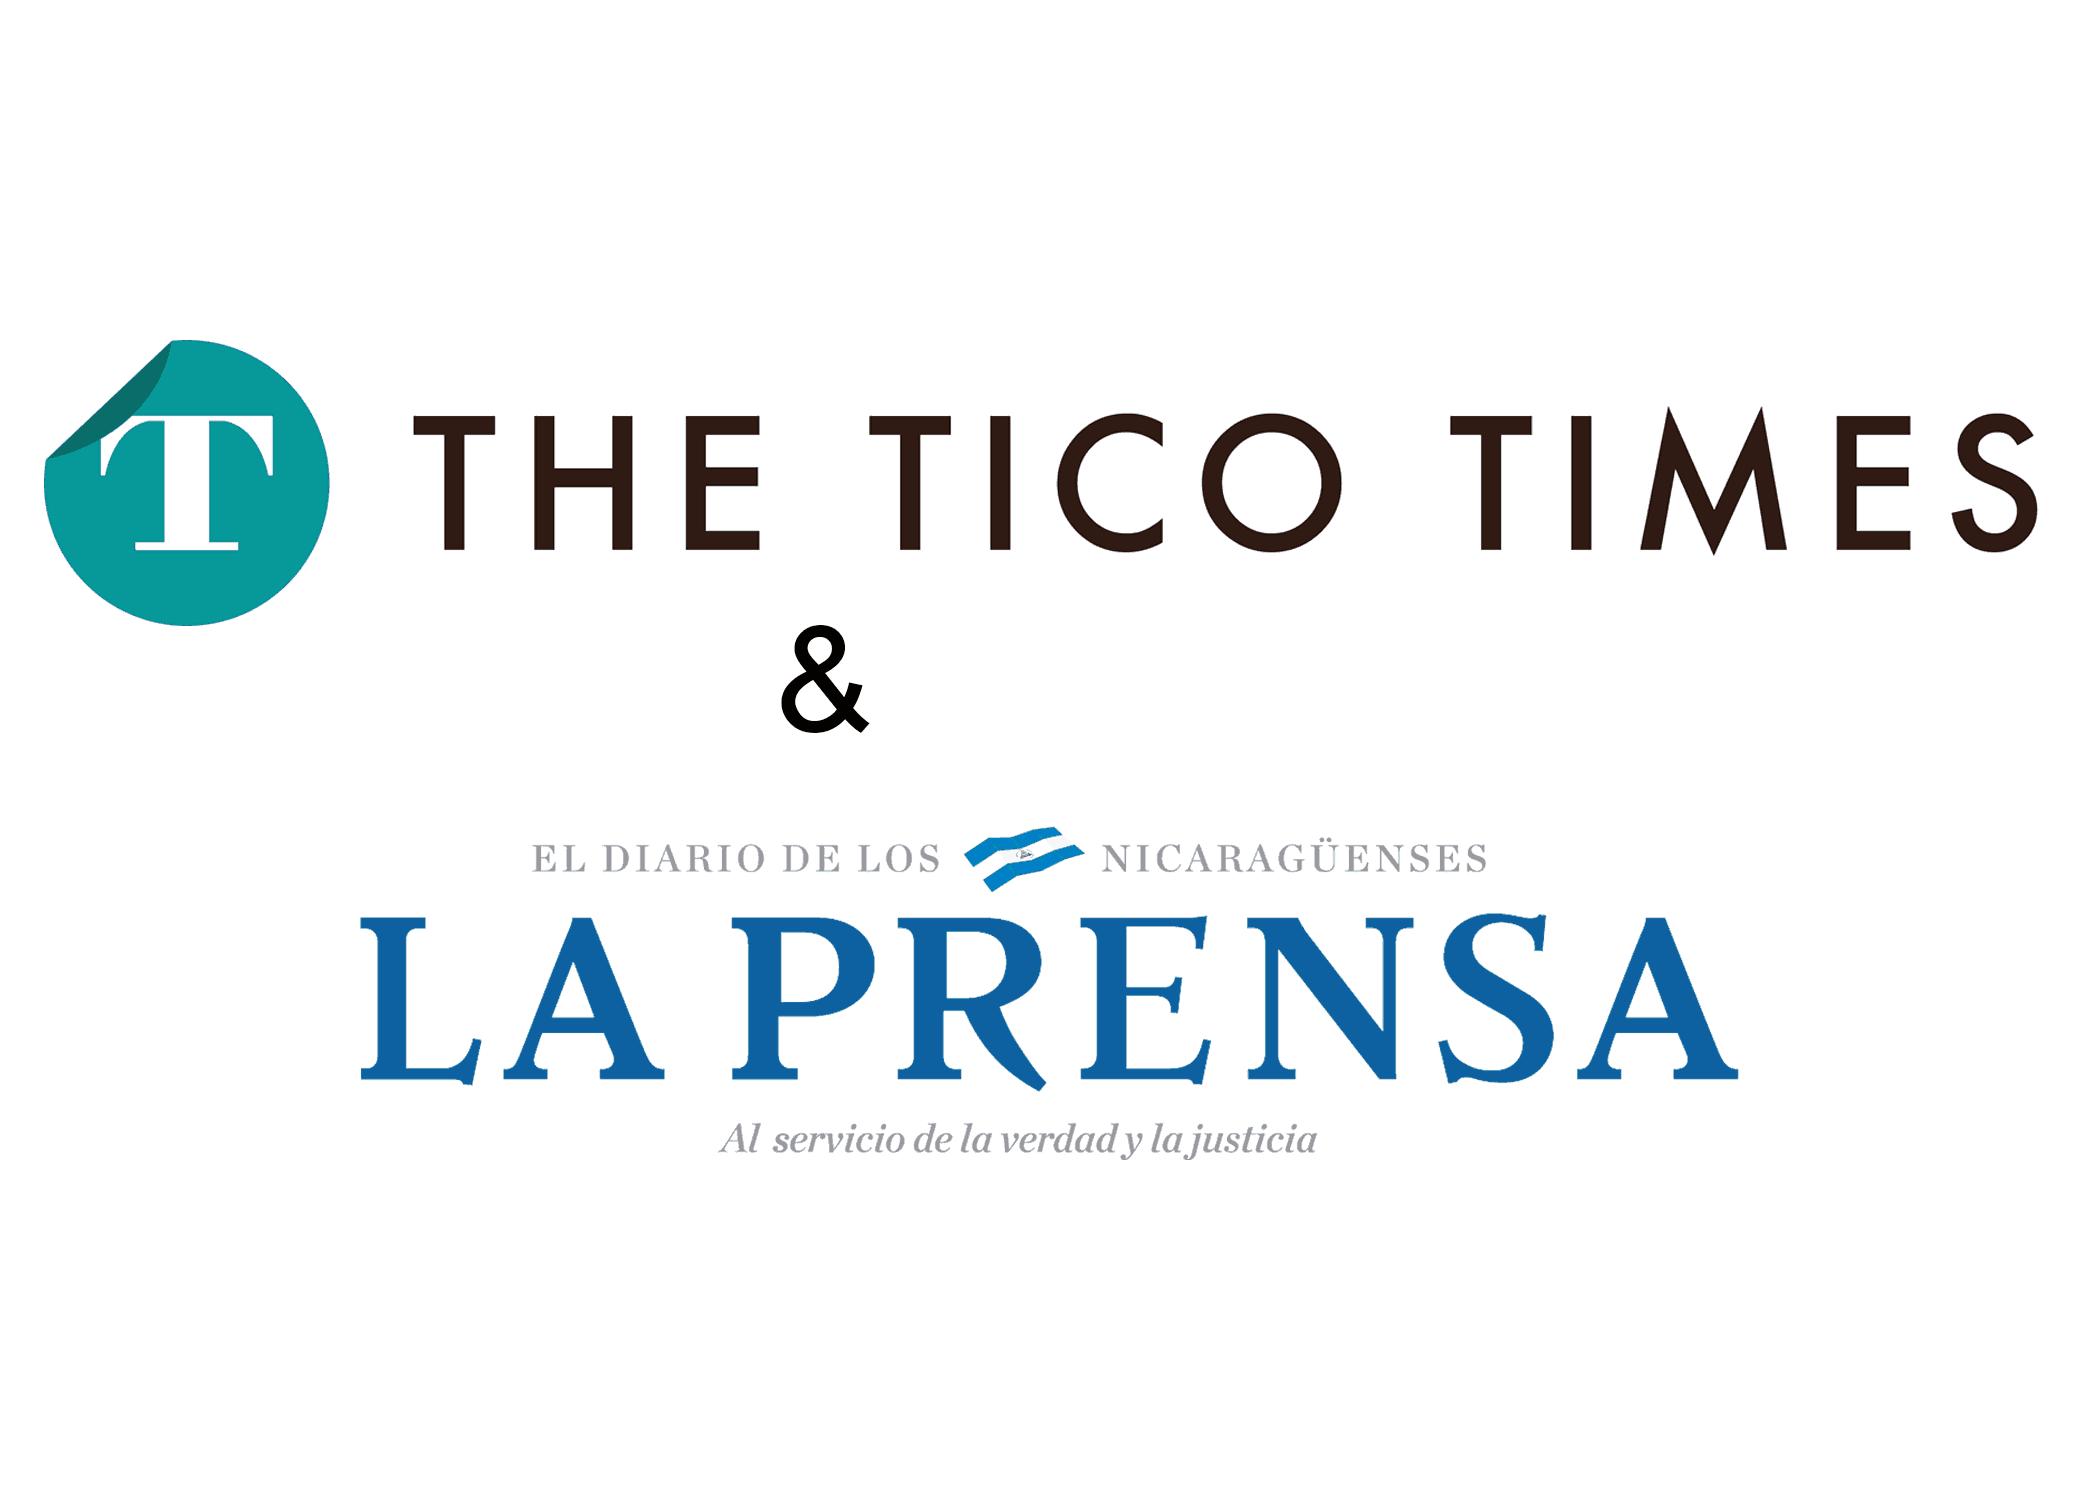 Tico Times and La Prensa